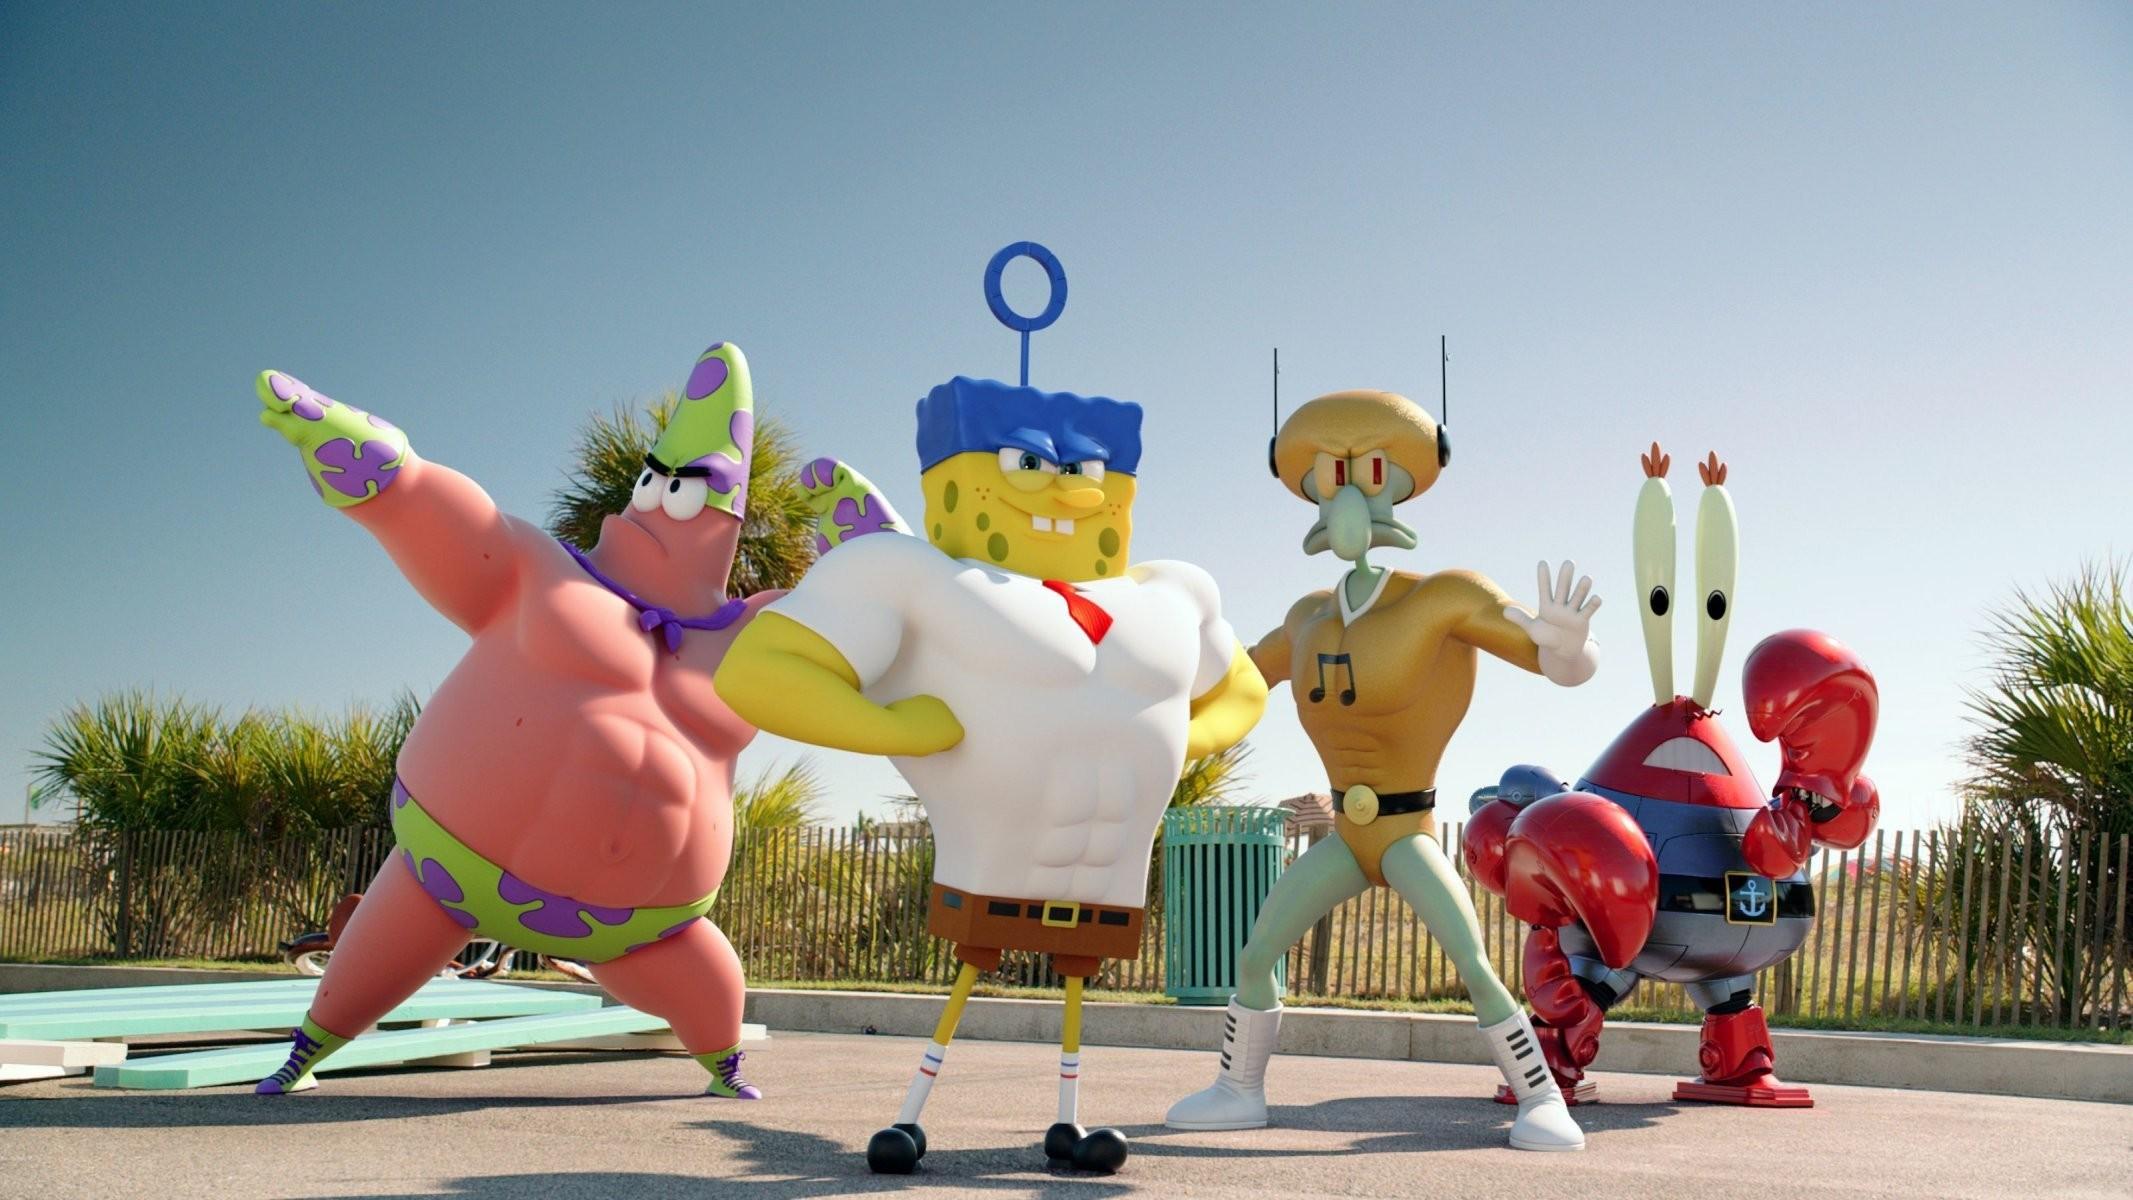 sponge bob patrik spongebob patrick mr. krabs squidward the spongebob movie